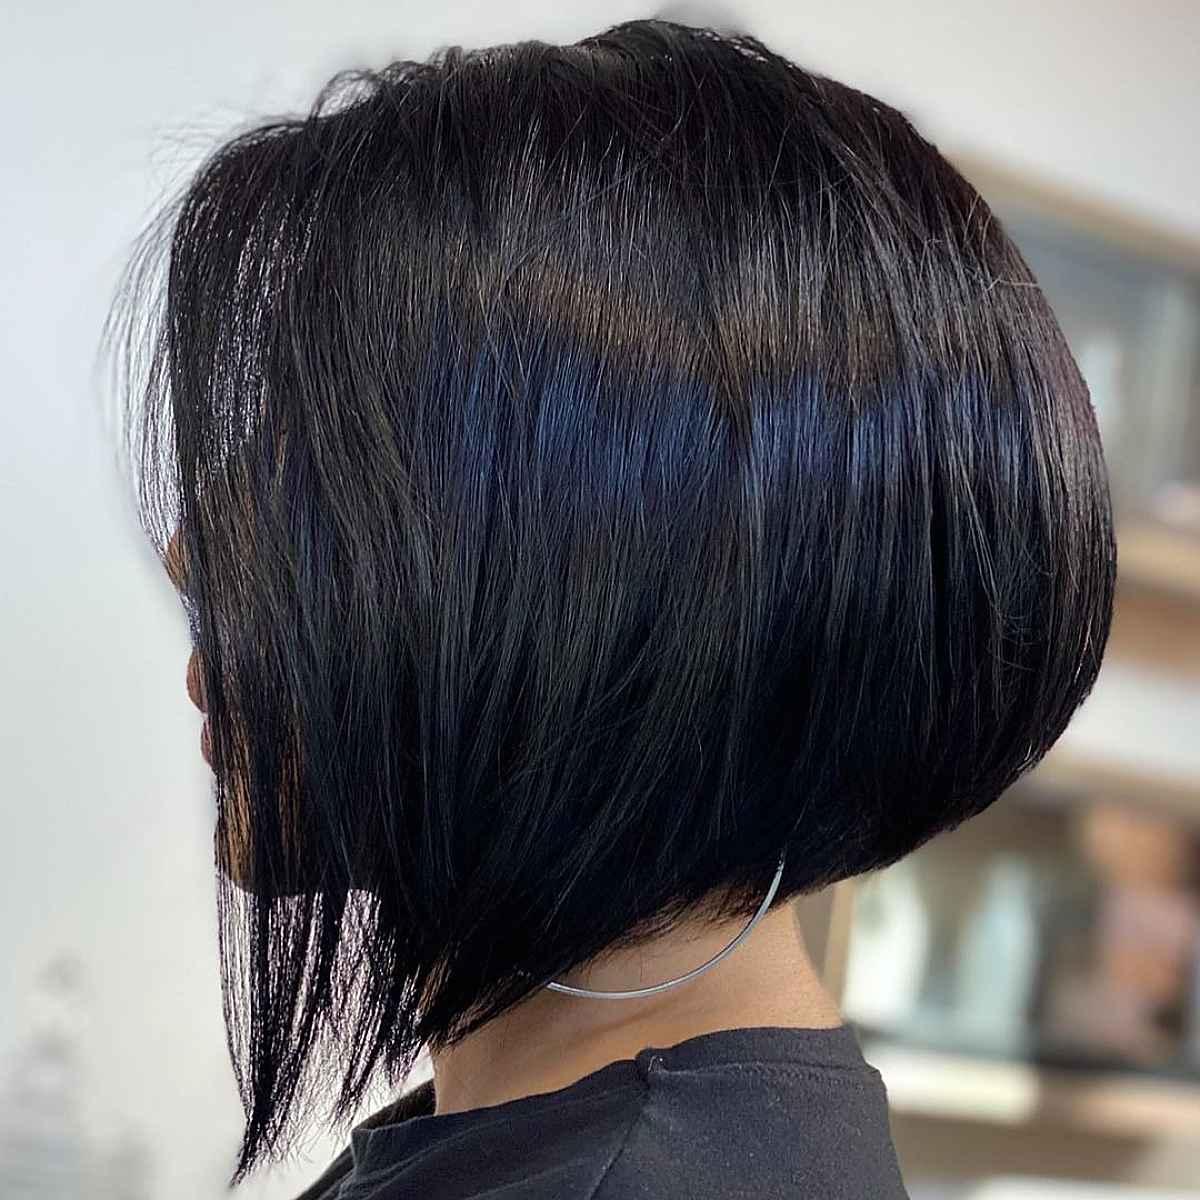 Bob apilado angular ideal para cabello grueso